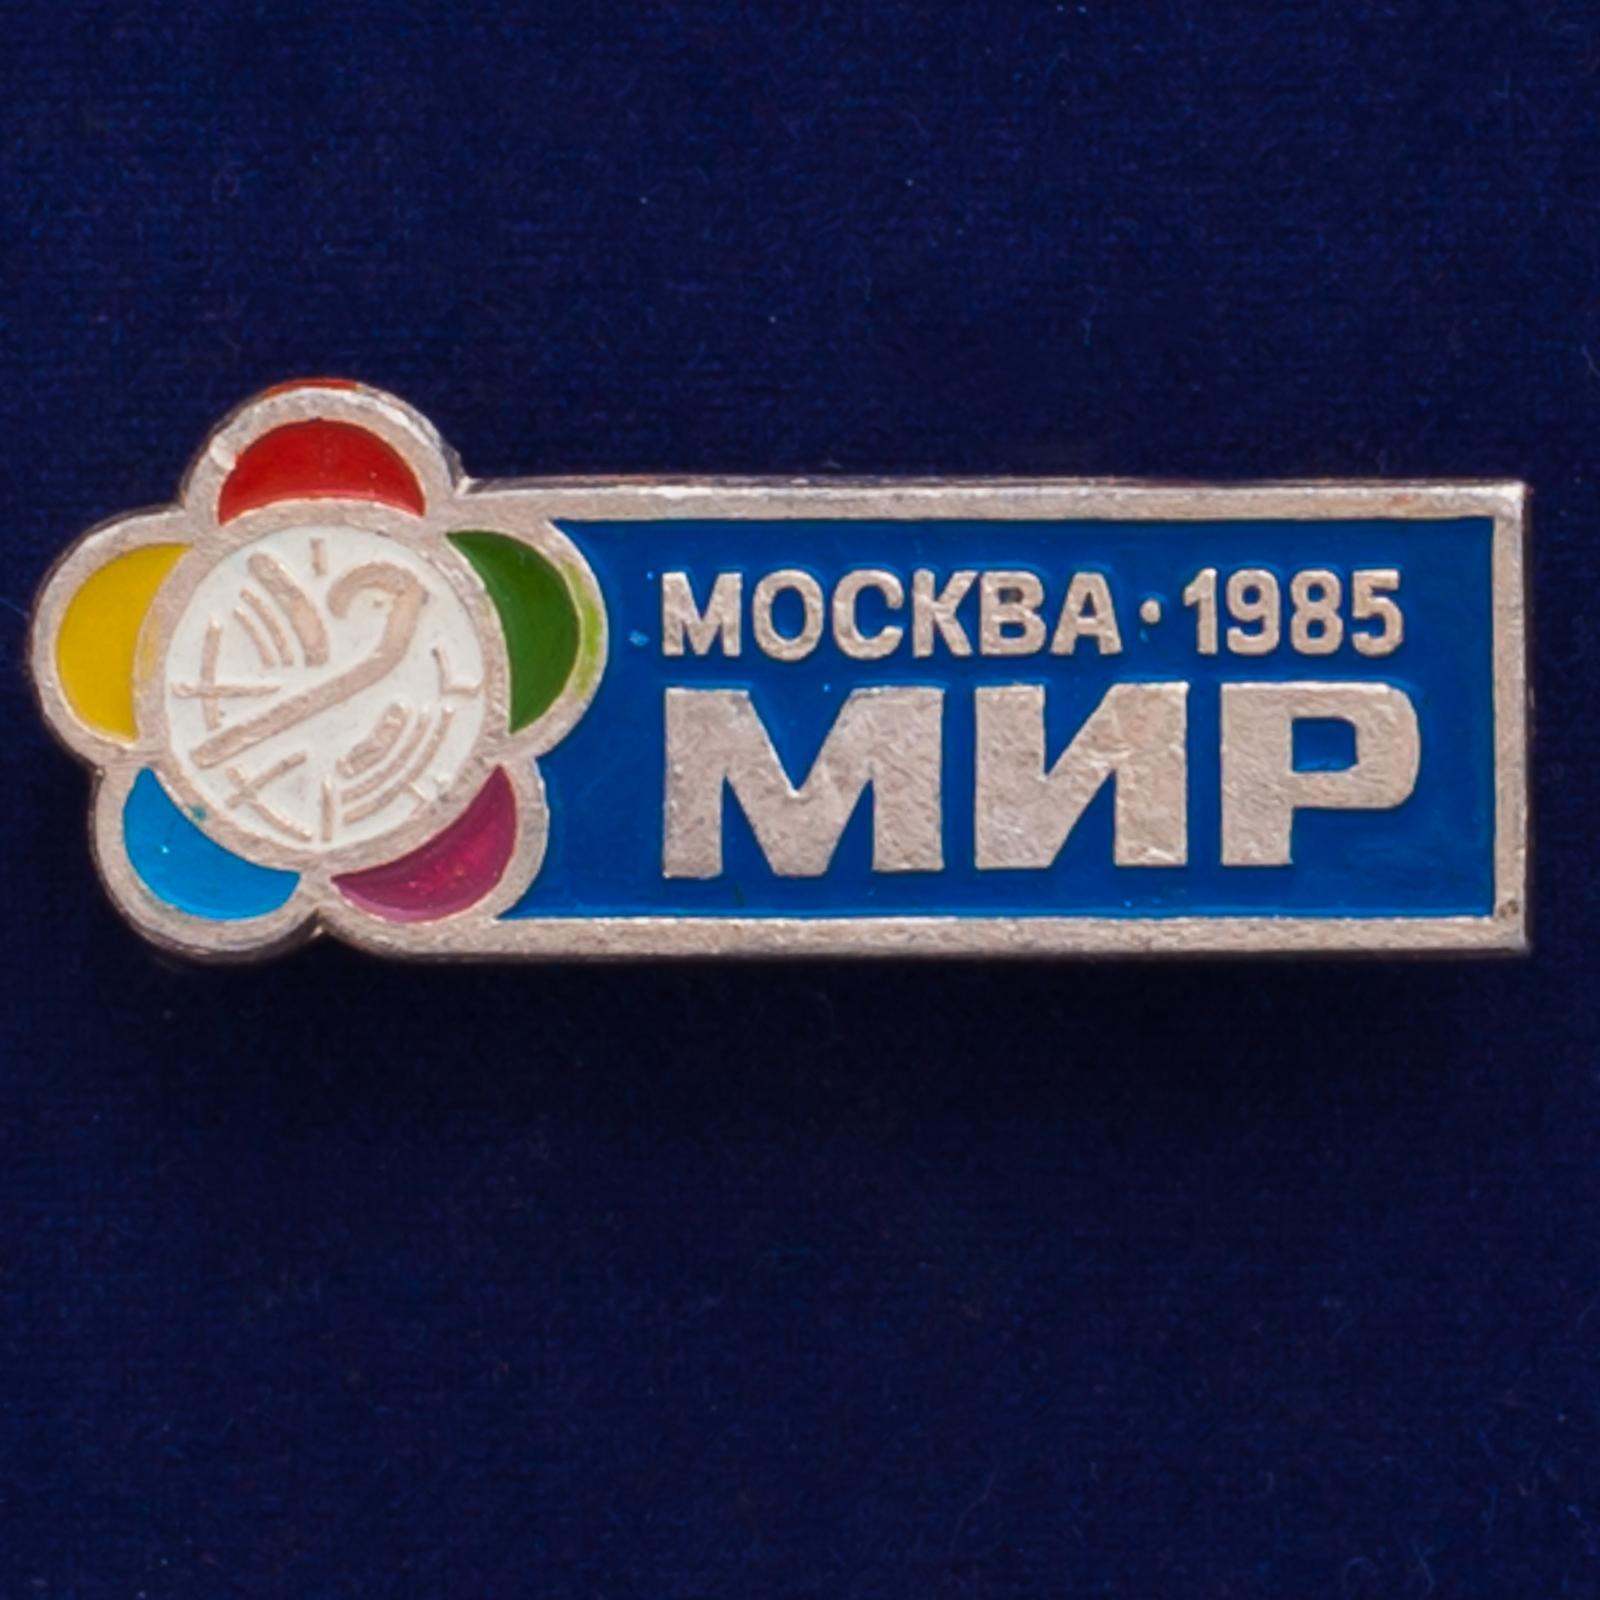 Значок Фестиваля студентов 1985